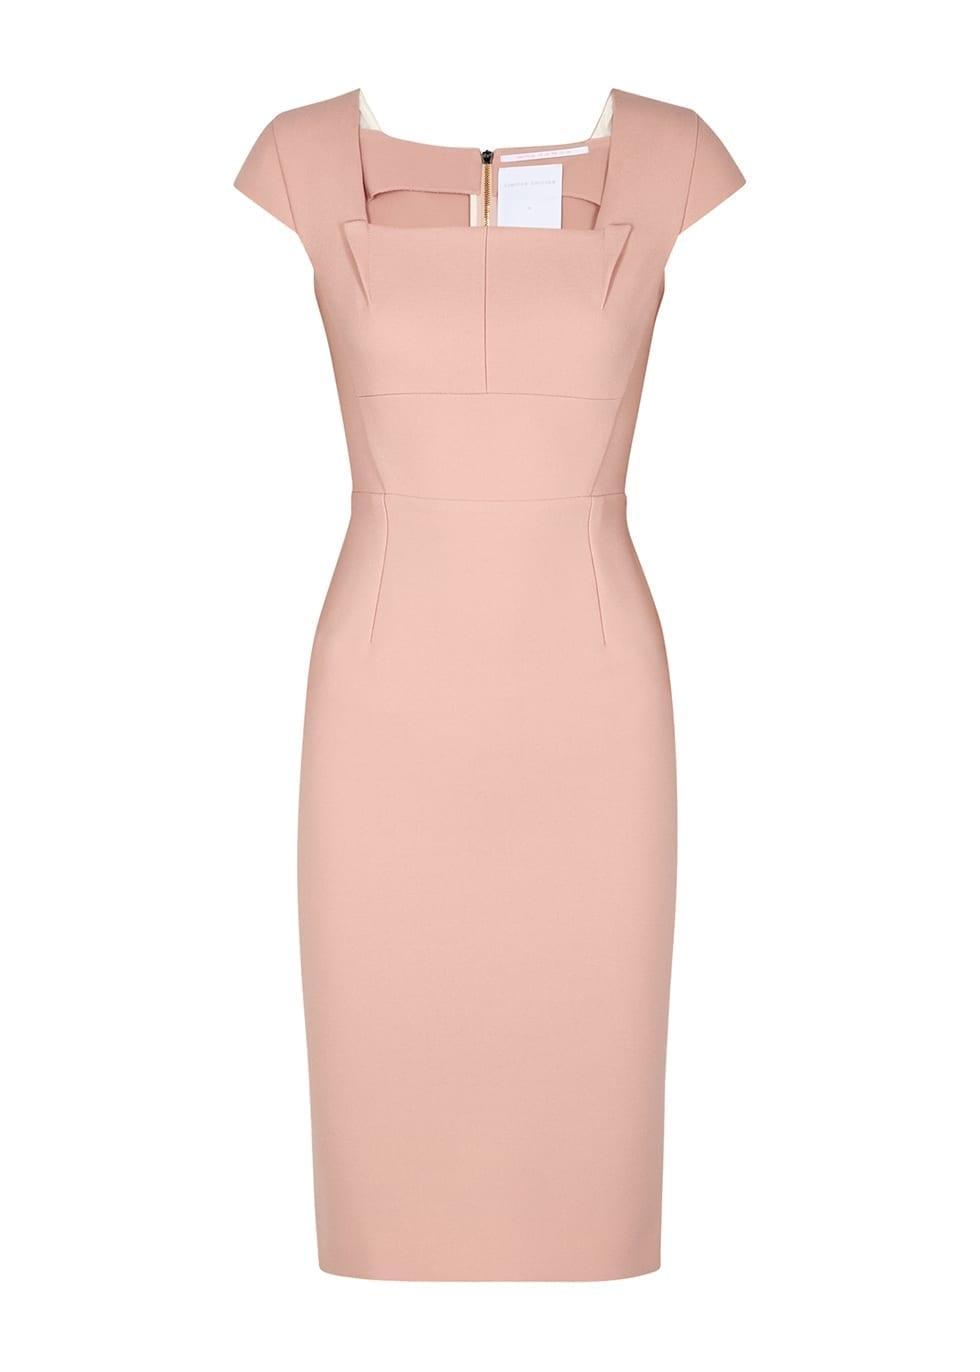 ROLAND MOURET Jeddler Pink Dress